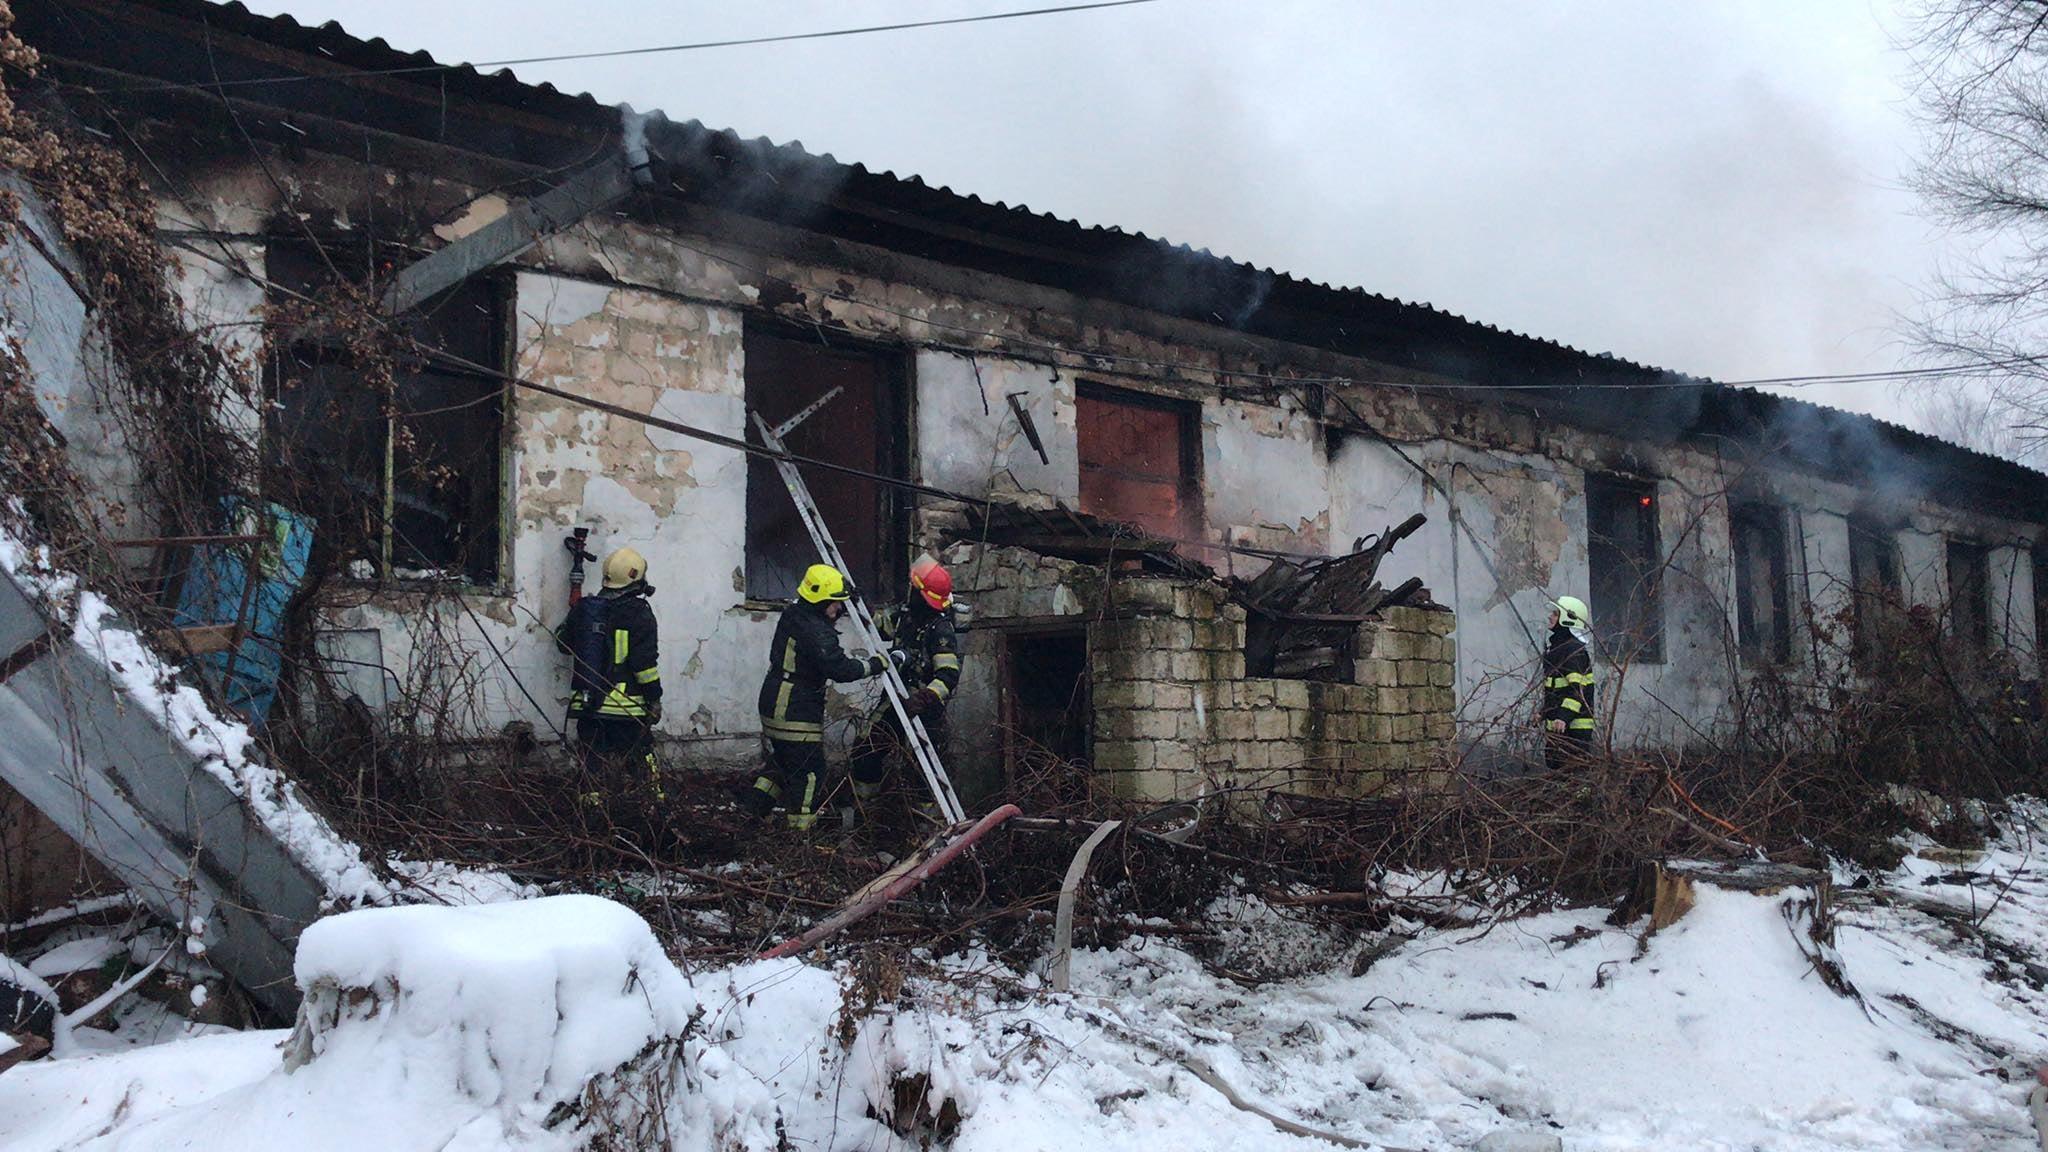 ВКишиневе намебельной фабрике произошел пожар (ВИДЕО)